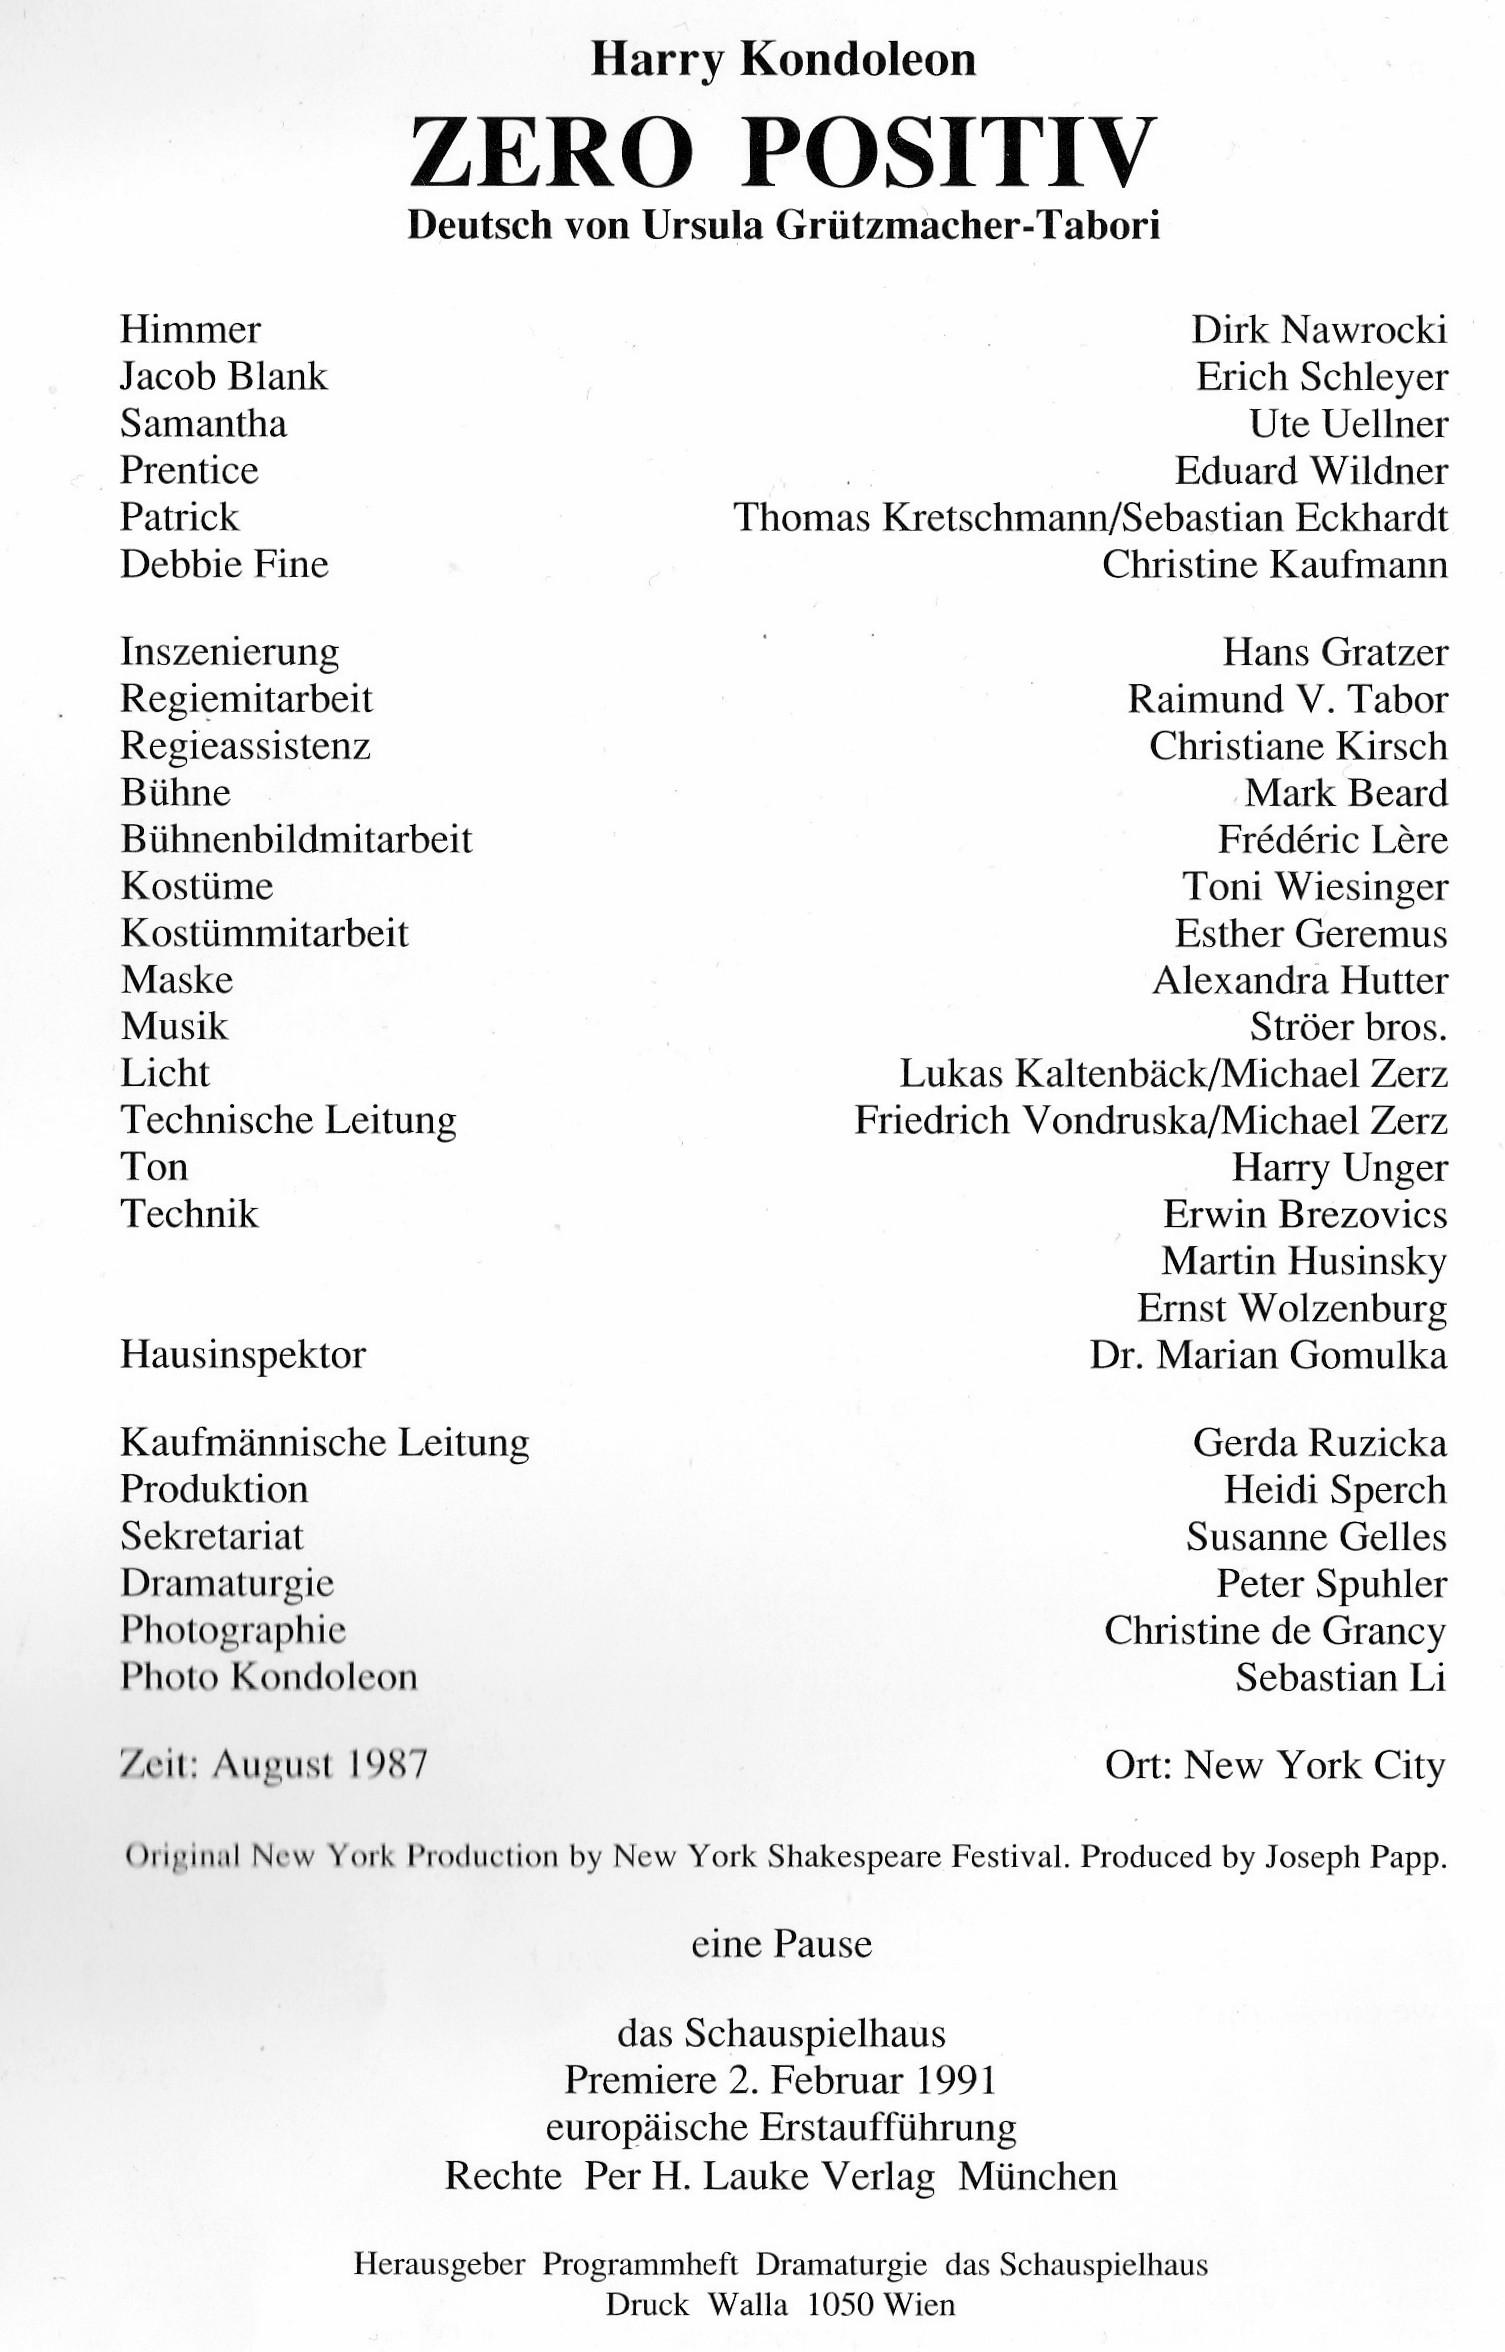 Beste Blank Druck Tickets Galerie - FORTSETZUNG ARBEITSBLATT ...